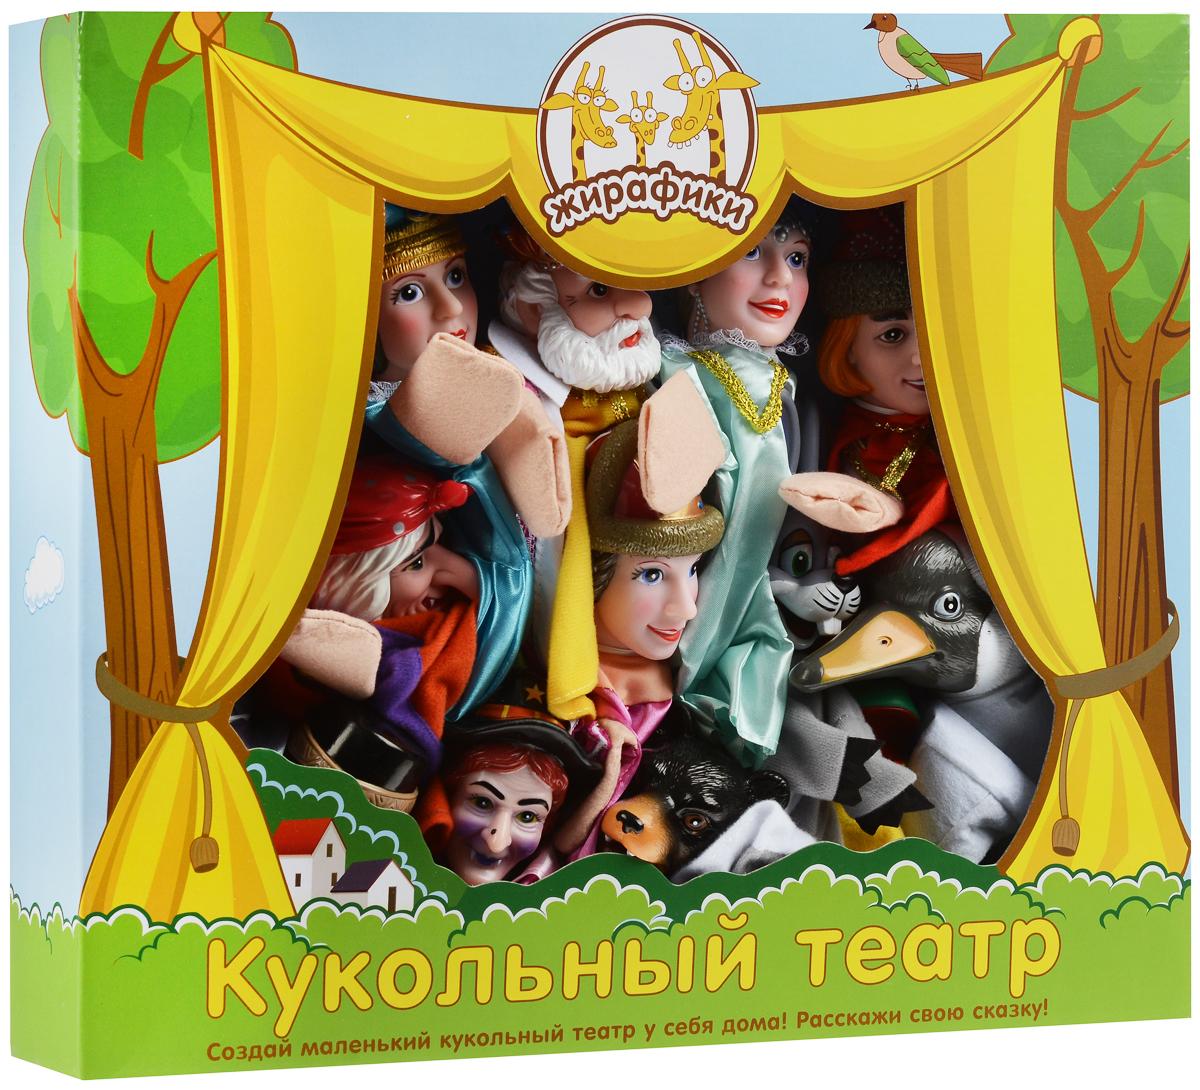 Жирафики Кукольный театр Царевна Лягушка68327Кукольный театр - особое волшебство, целый мир, который ребенок может создать сам вместе с вами. И сделать это вы можете прямо у себя дома. Известно, что любые ролевые игры развивают детскую фантазию, помогают понять себя и окружающих. Участвуя в театральной постановке, ребенок раскрывается, в результате чего учится общаться. Весь мир театр, а люди в нем актеры, - сказал Шекспир. И это действительно так, ведь наше ежедневное общение - это своеобразный ритуал, очень похожий на театральный. Все мы надеваем маски, все играем роли в той или иной ситуации, даже дети. Научиться общению, развить воображение и овладеть даром слова поможет театр. Это - прекрасный опыт публичных выступлений, здесь можно научиться говорить и не бояться публики. Кстати, театр кукол - замечательный способ преодолеть застенчивость и страх перед зрителями. Многие дети порой стесняются не только выходить на сцену, но даже рассказывать стихи перед аудиторией. А когда играешь с куклой, можно вообразить себя кем...